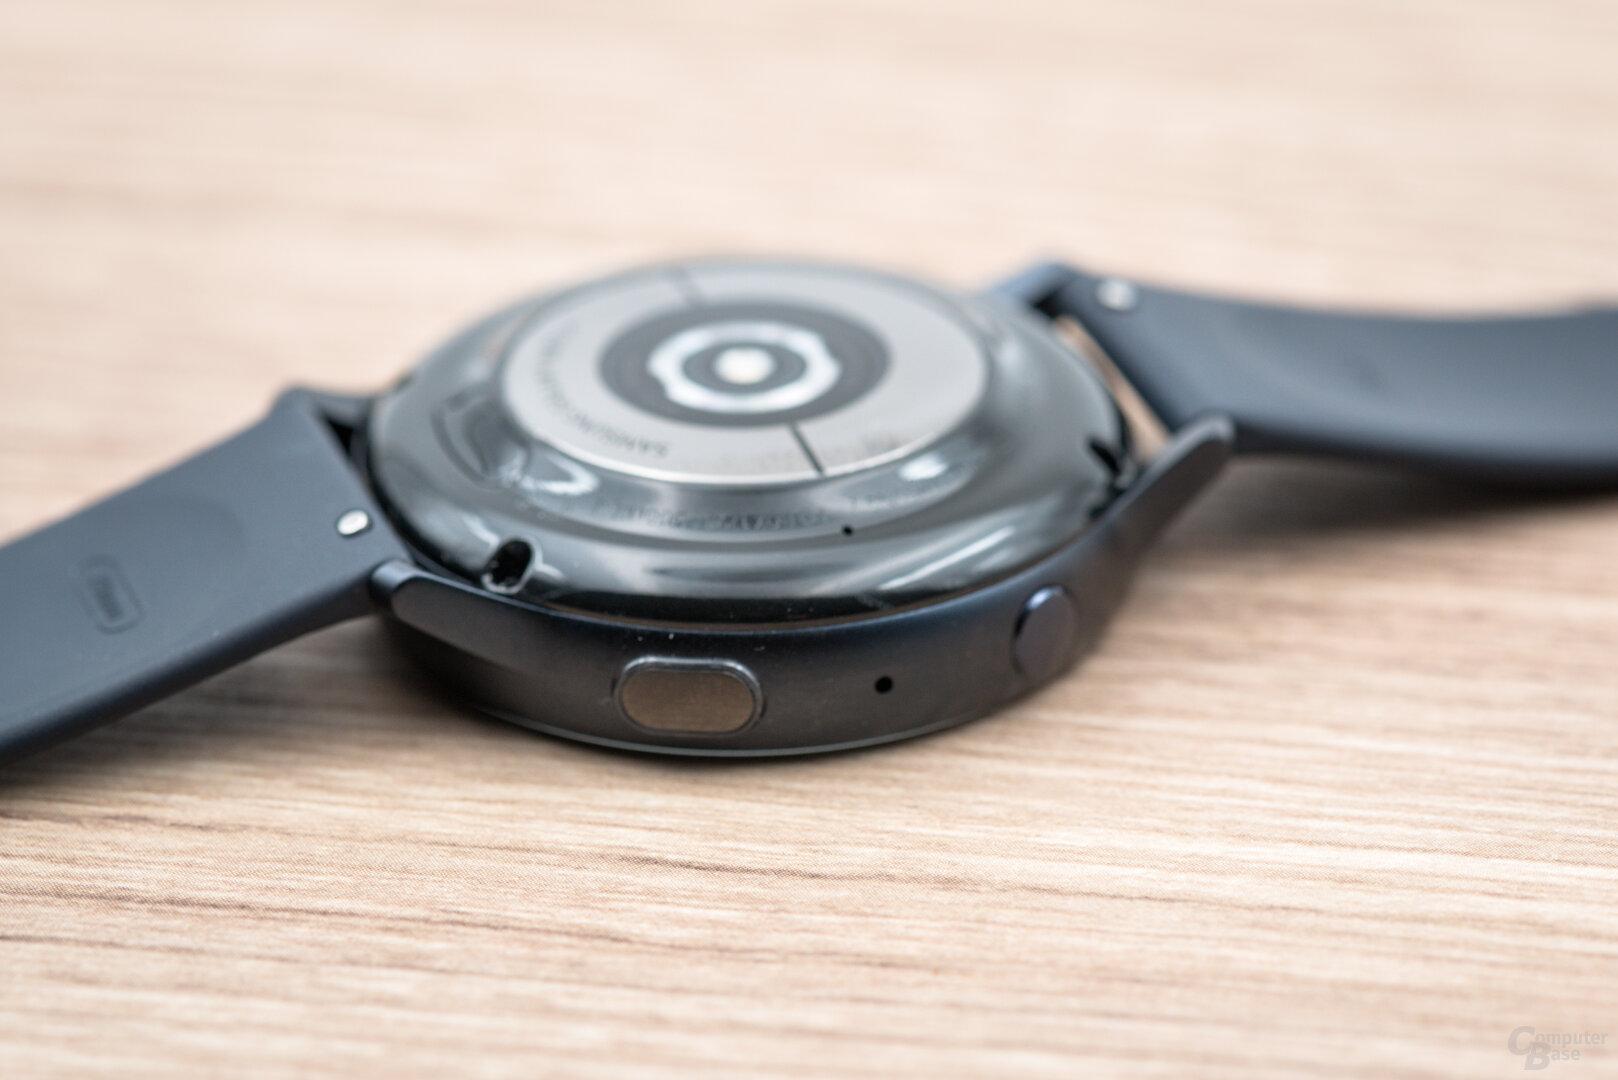 Samsung Galaxy Watch Active 2: seitliche Bedienknöpfe